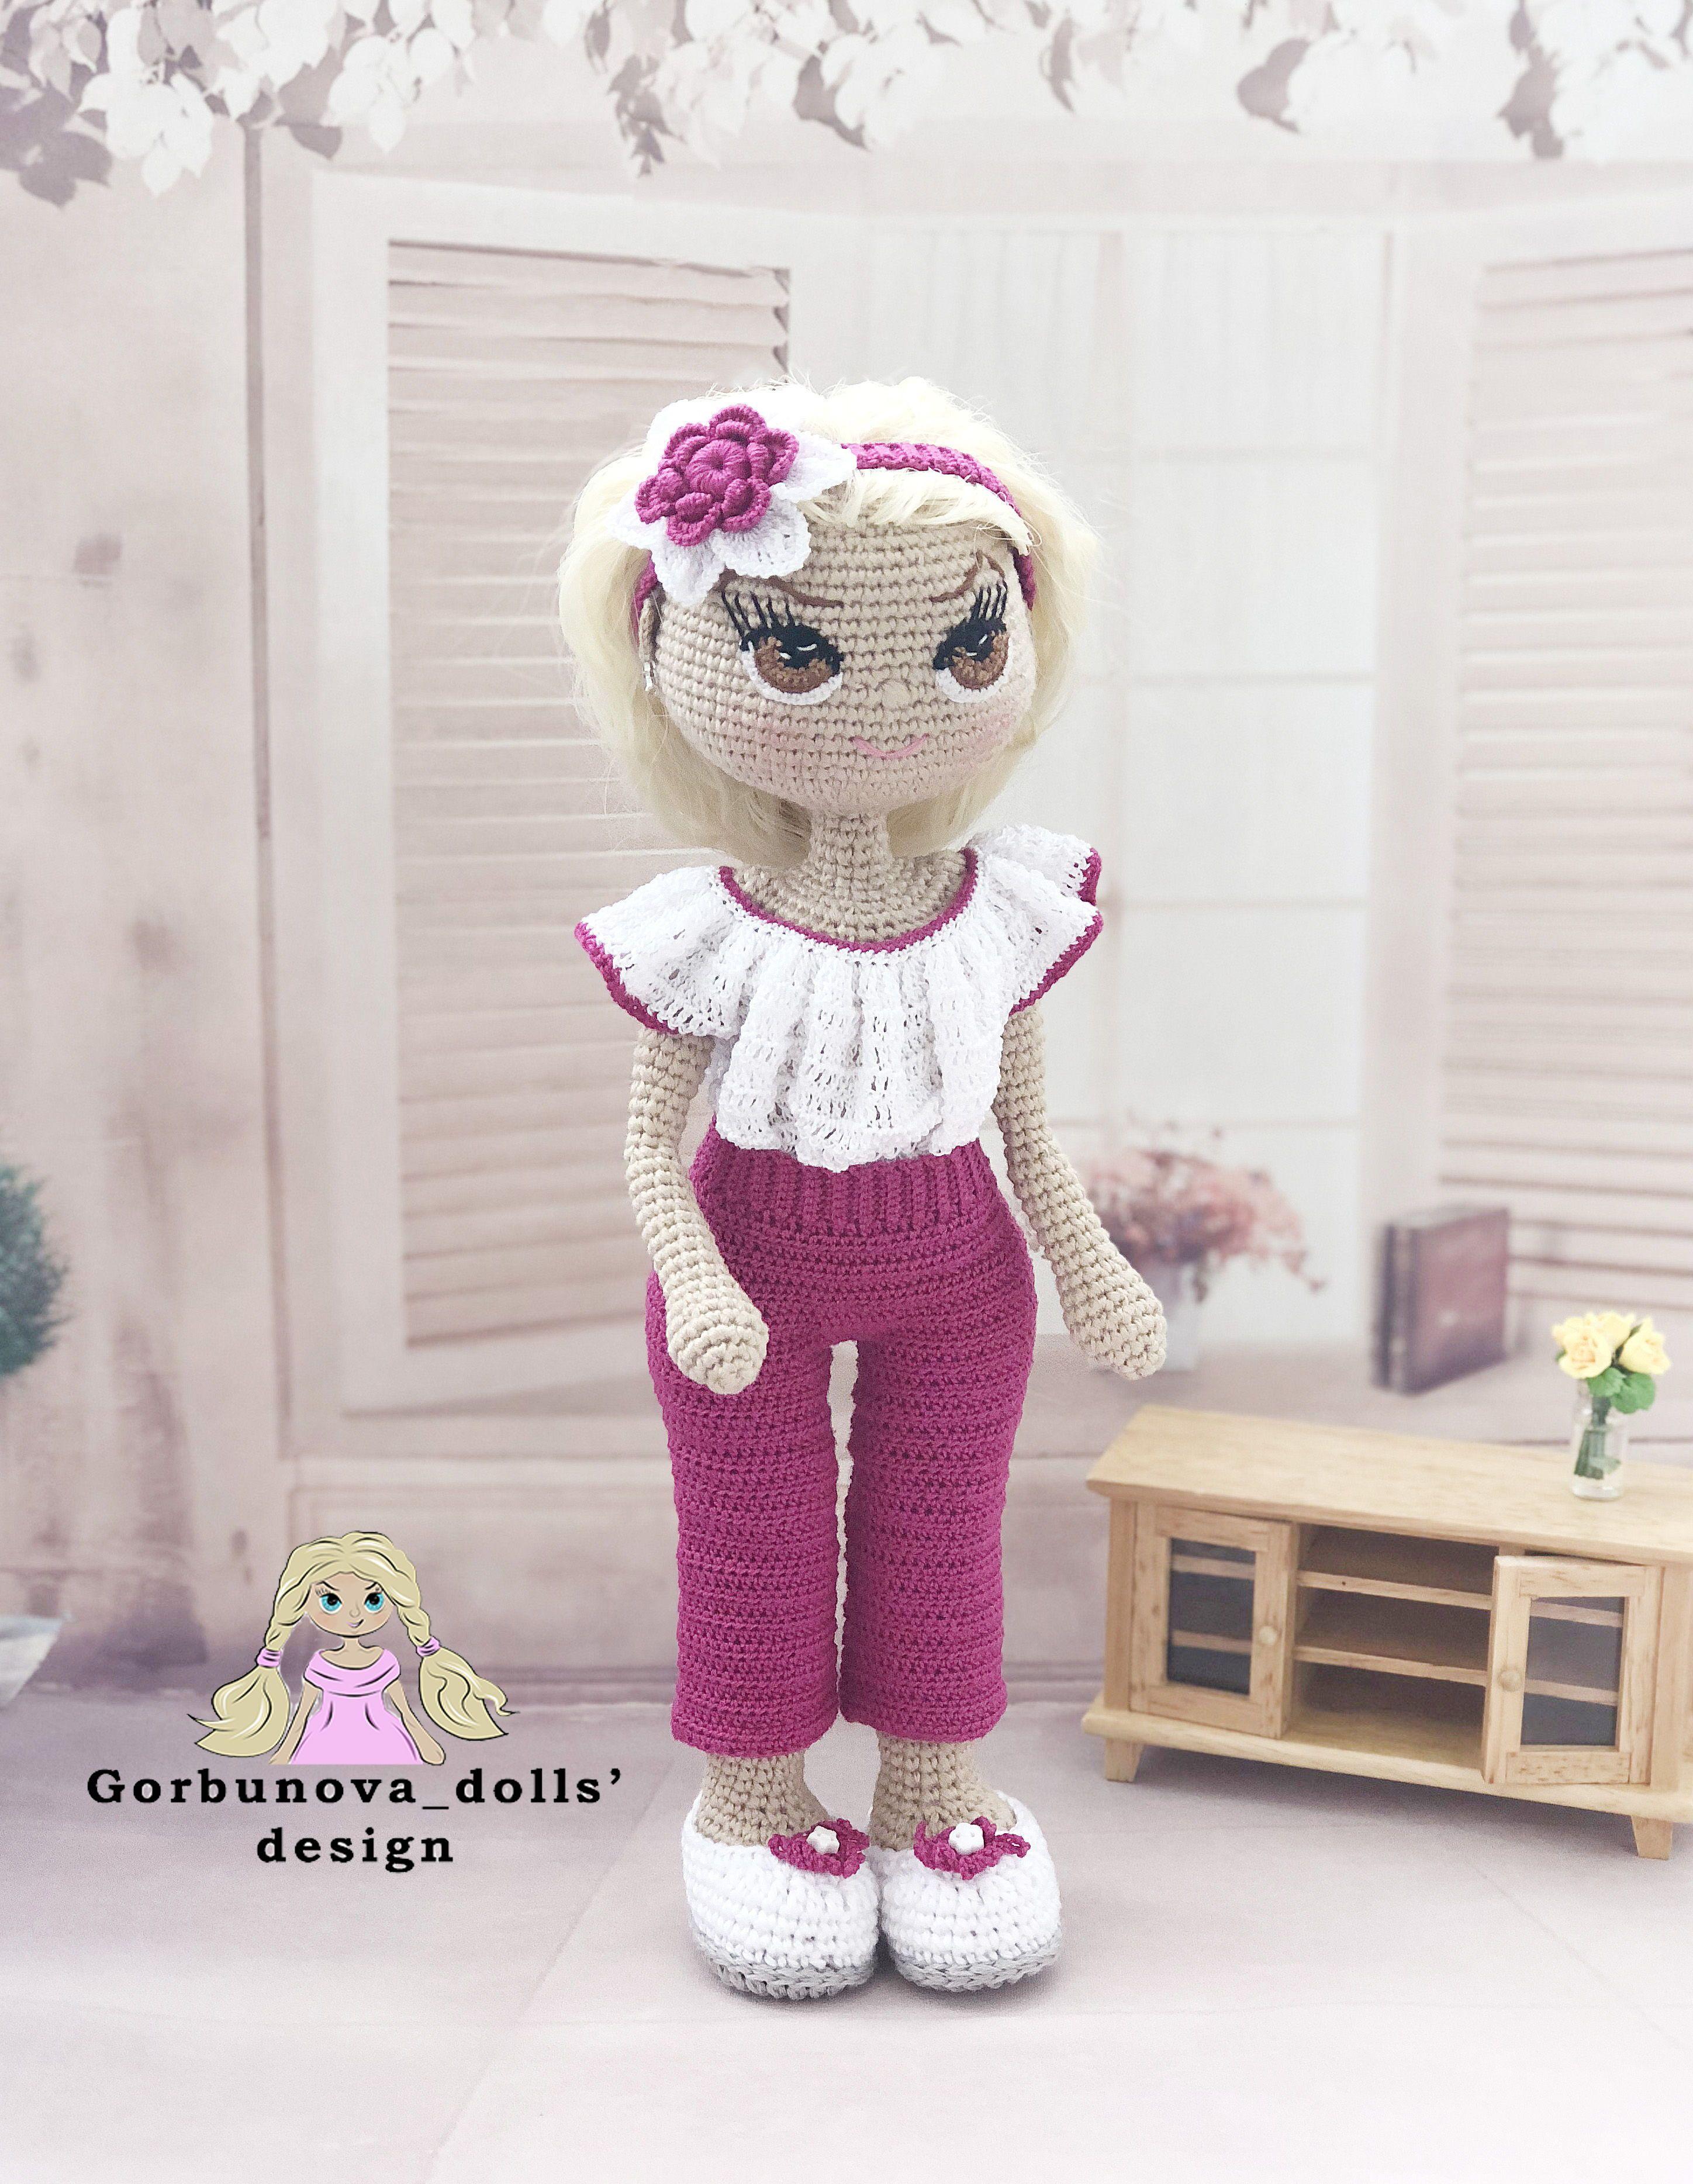 hair #crochet #doll #crochet #doll 32+ Ideas crochet doll boy hair ... | 3736x2896